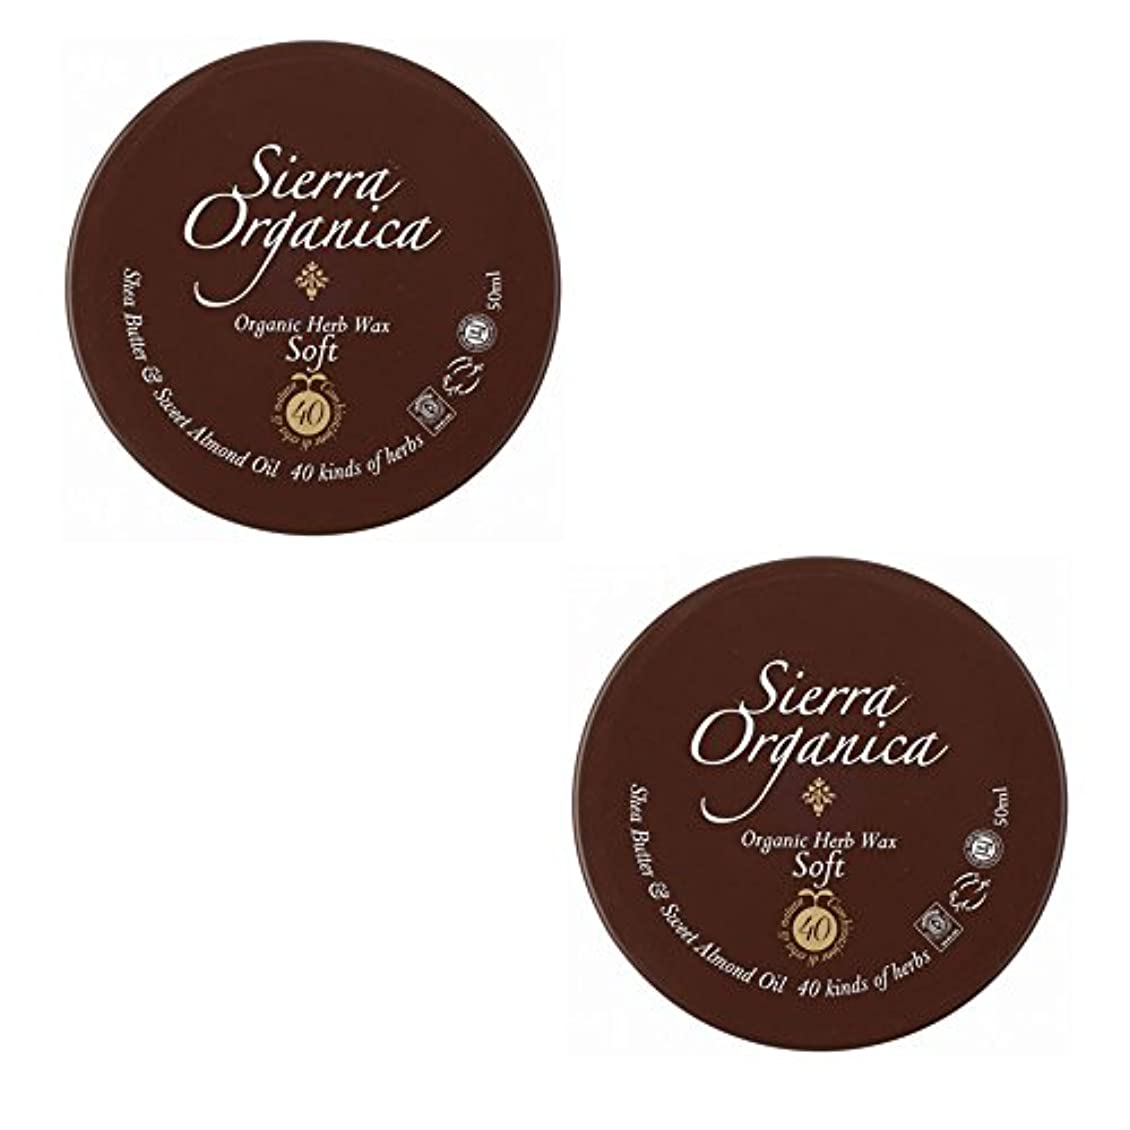 酒アルネ有名な【2個セット】シエラオーガニカ S&S オーガニックハーブワックス ソフト50ml